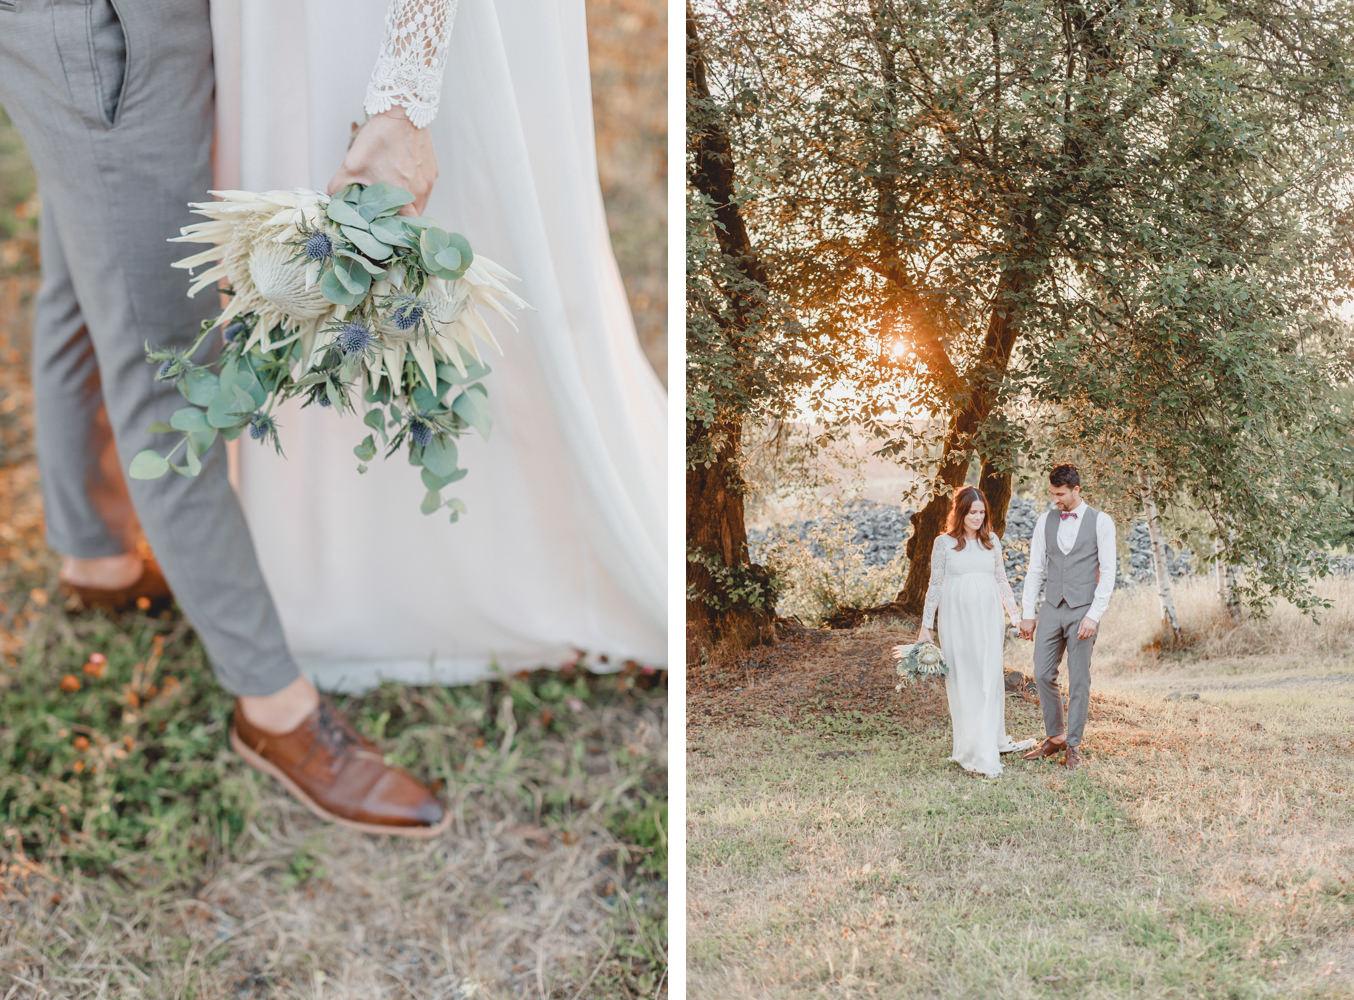 Hochzeitsvideo_Bina_Terre_205406